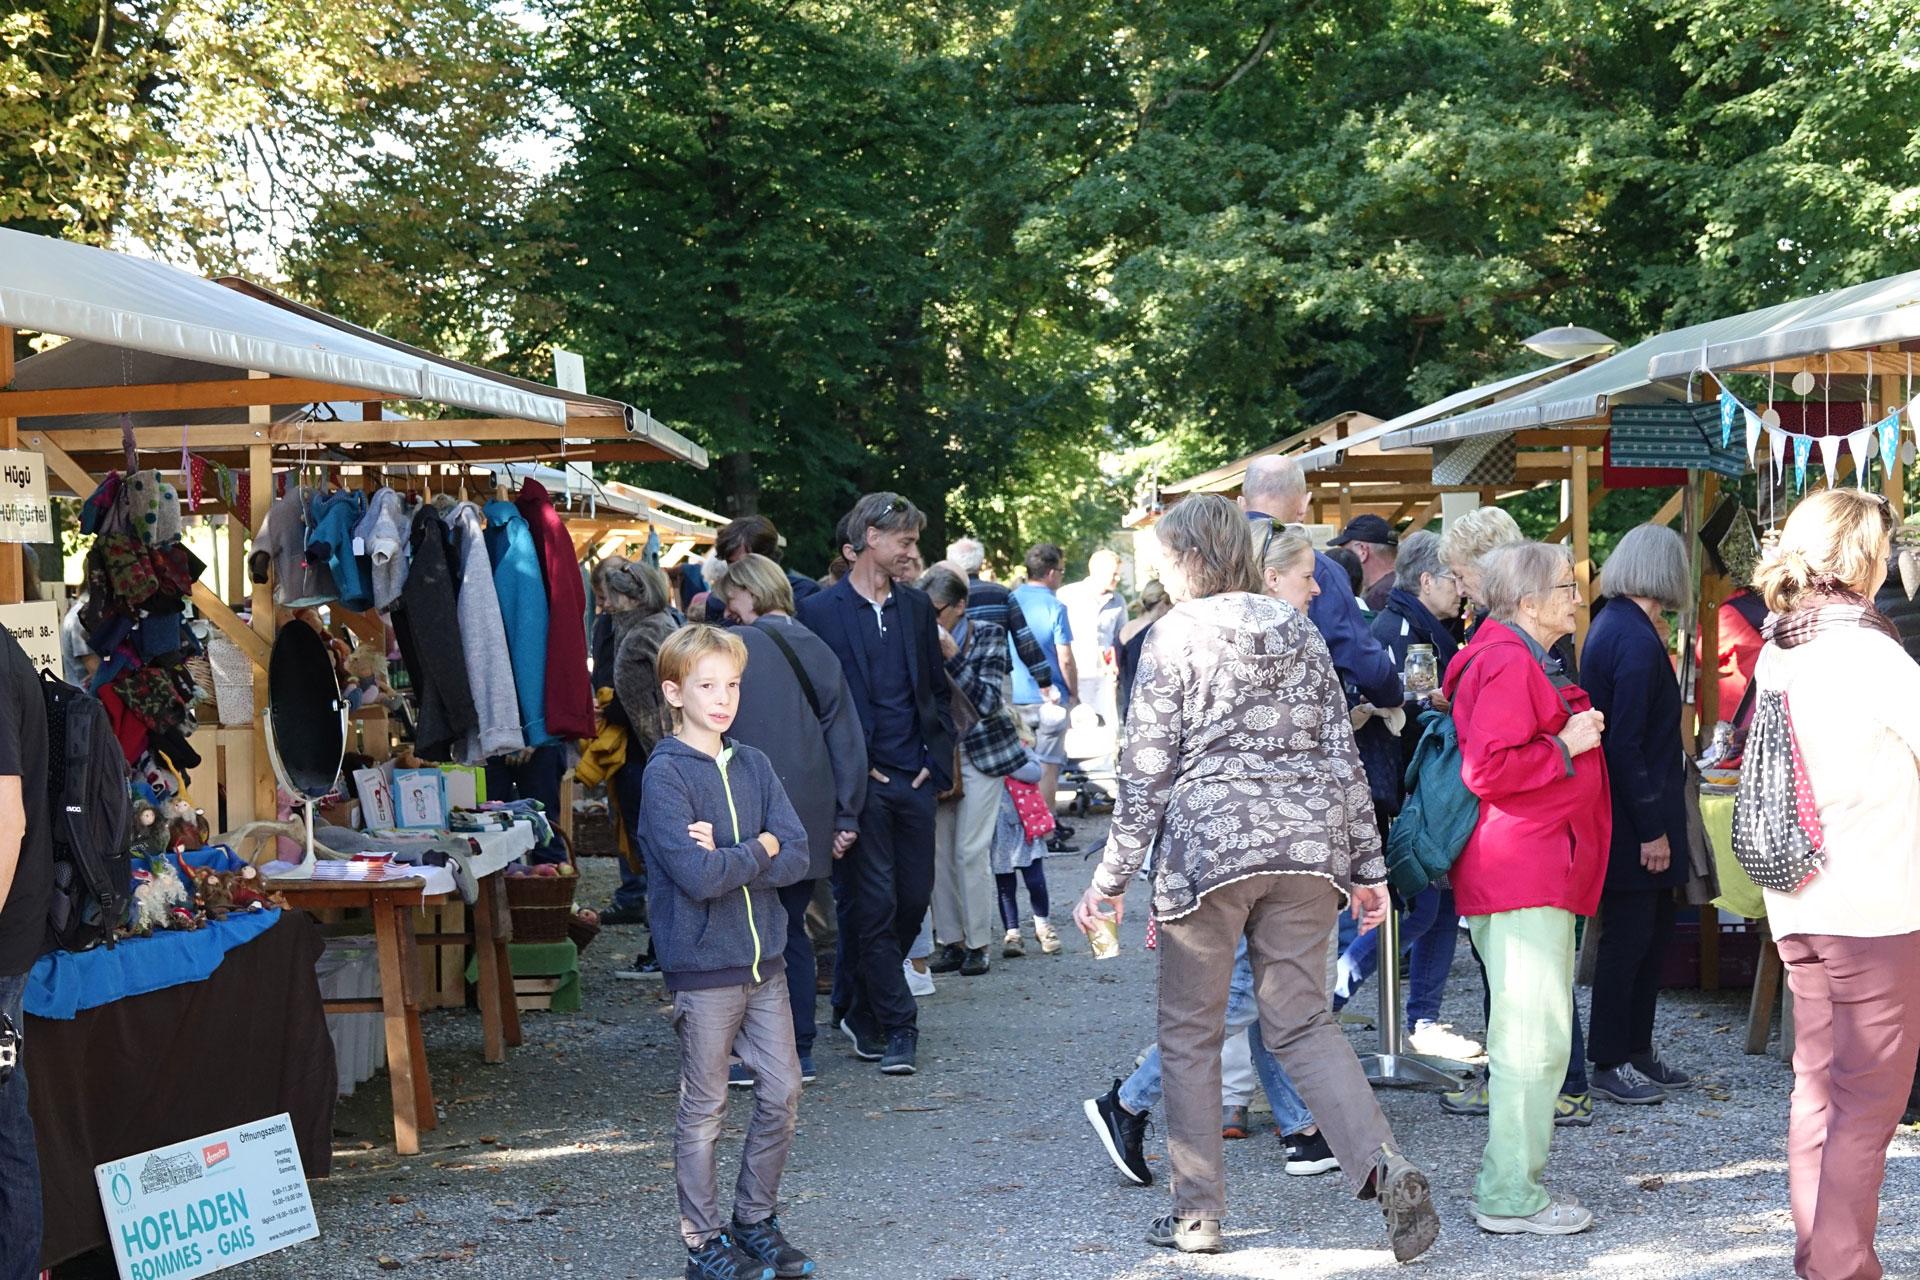 Wartegg_HerbstmarktFest2019_02.JPG